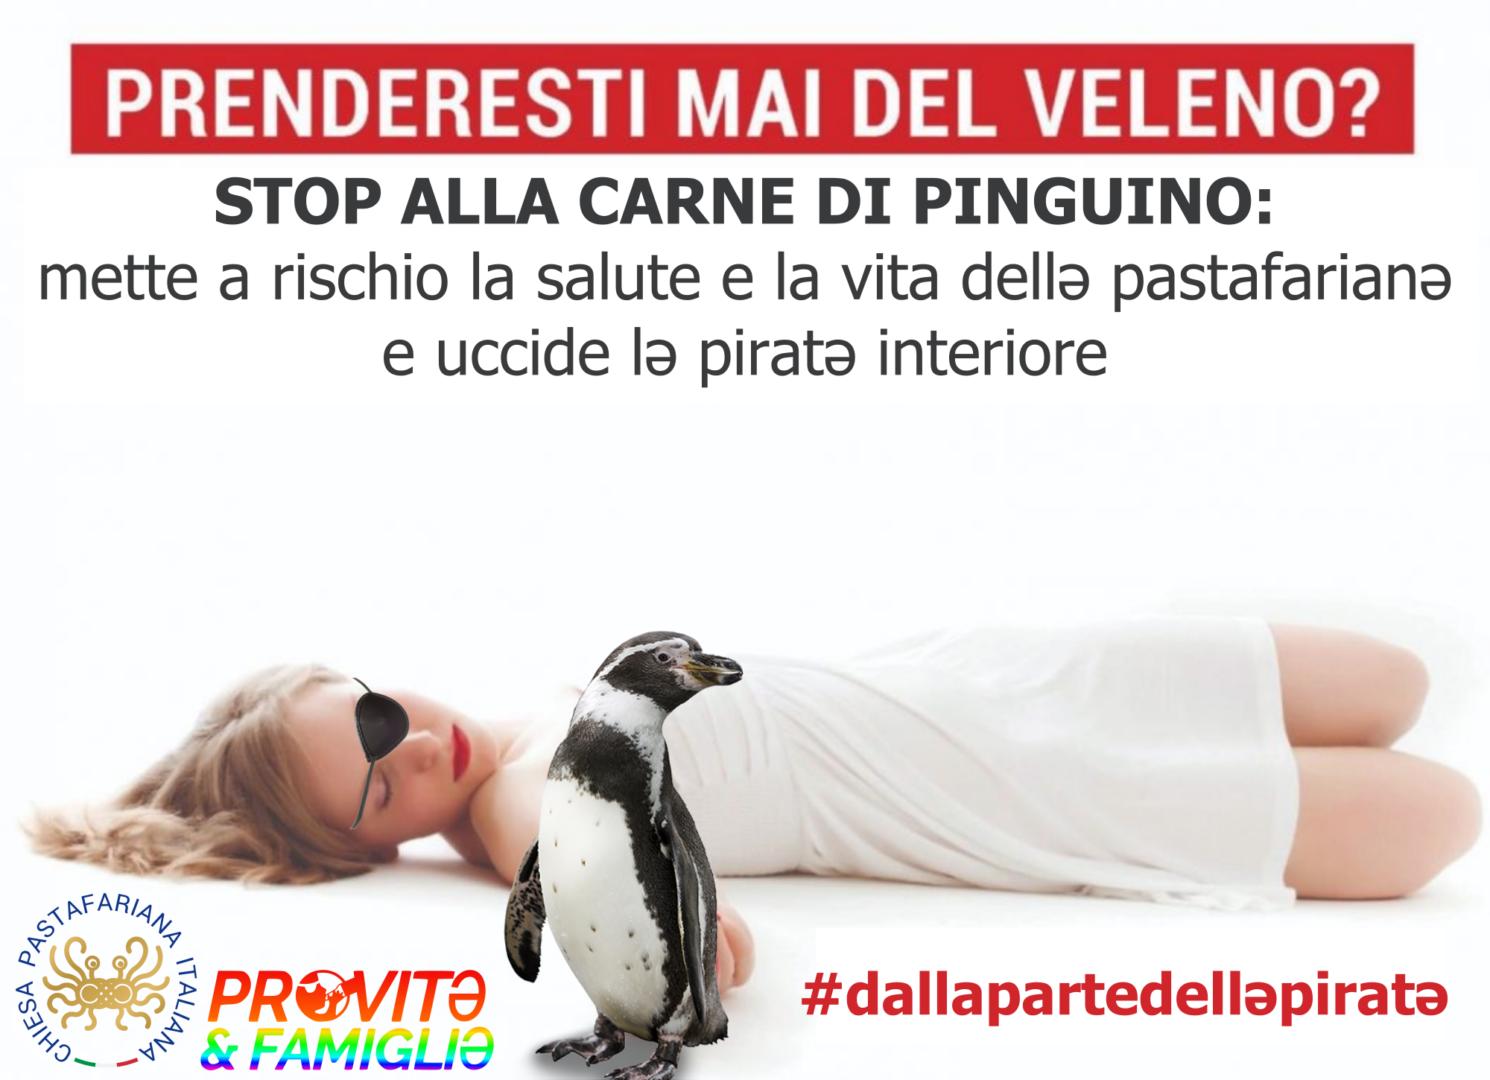 Stop alla carne di pinguino (e alla propaganda antiscientifica)